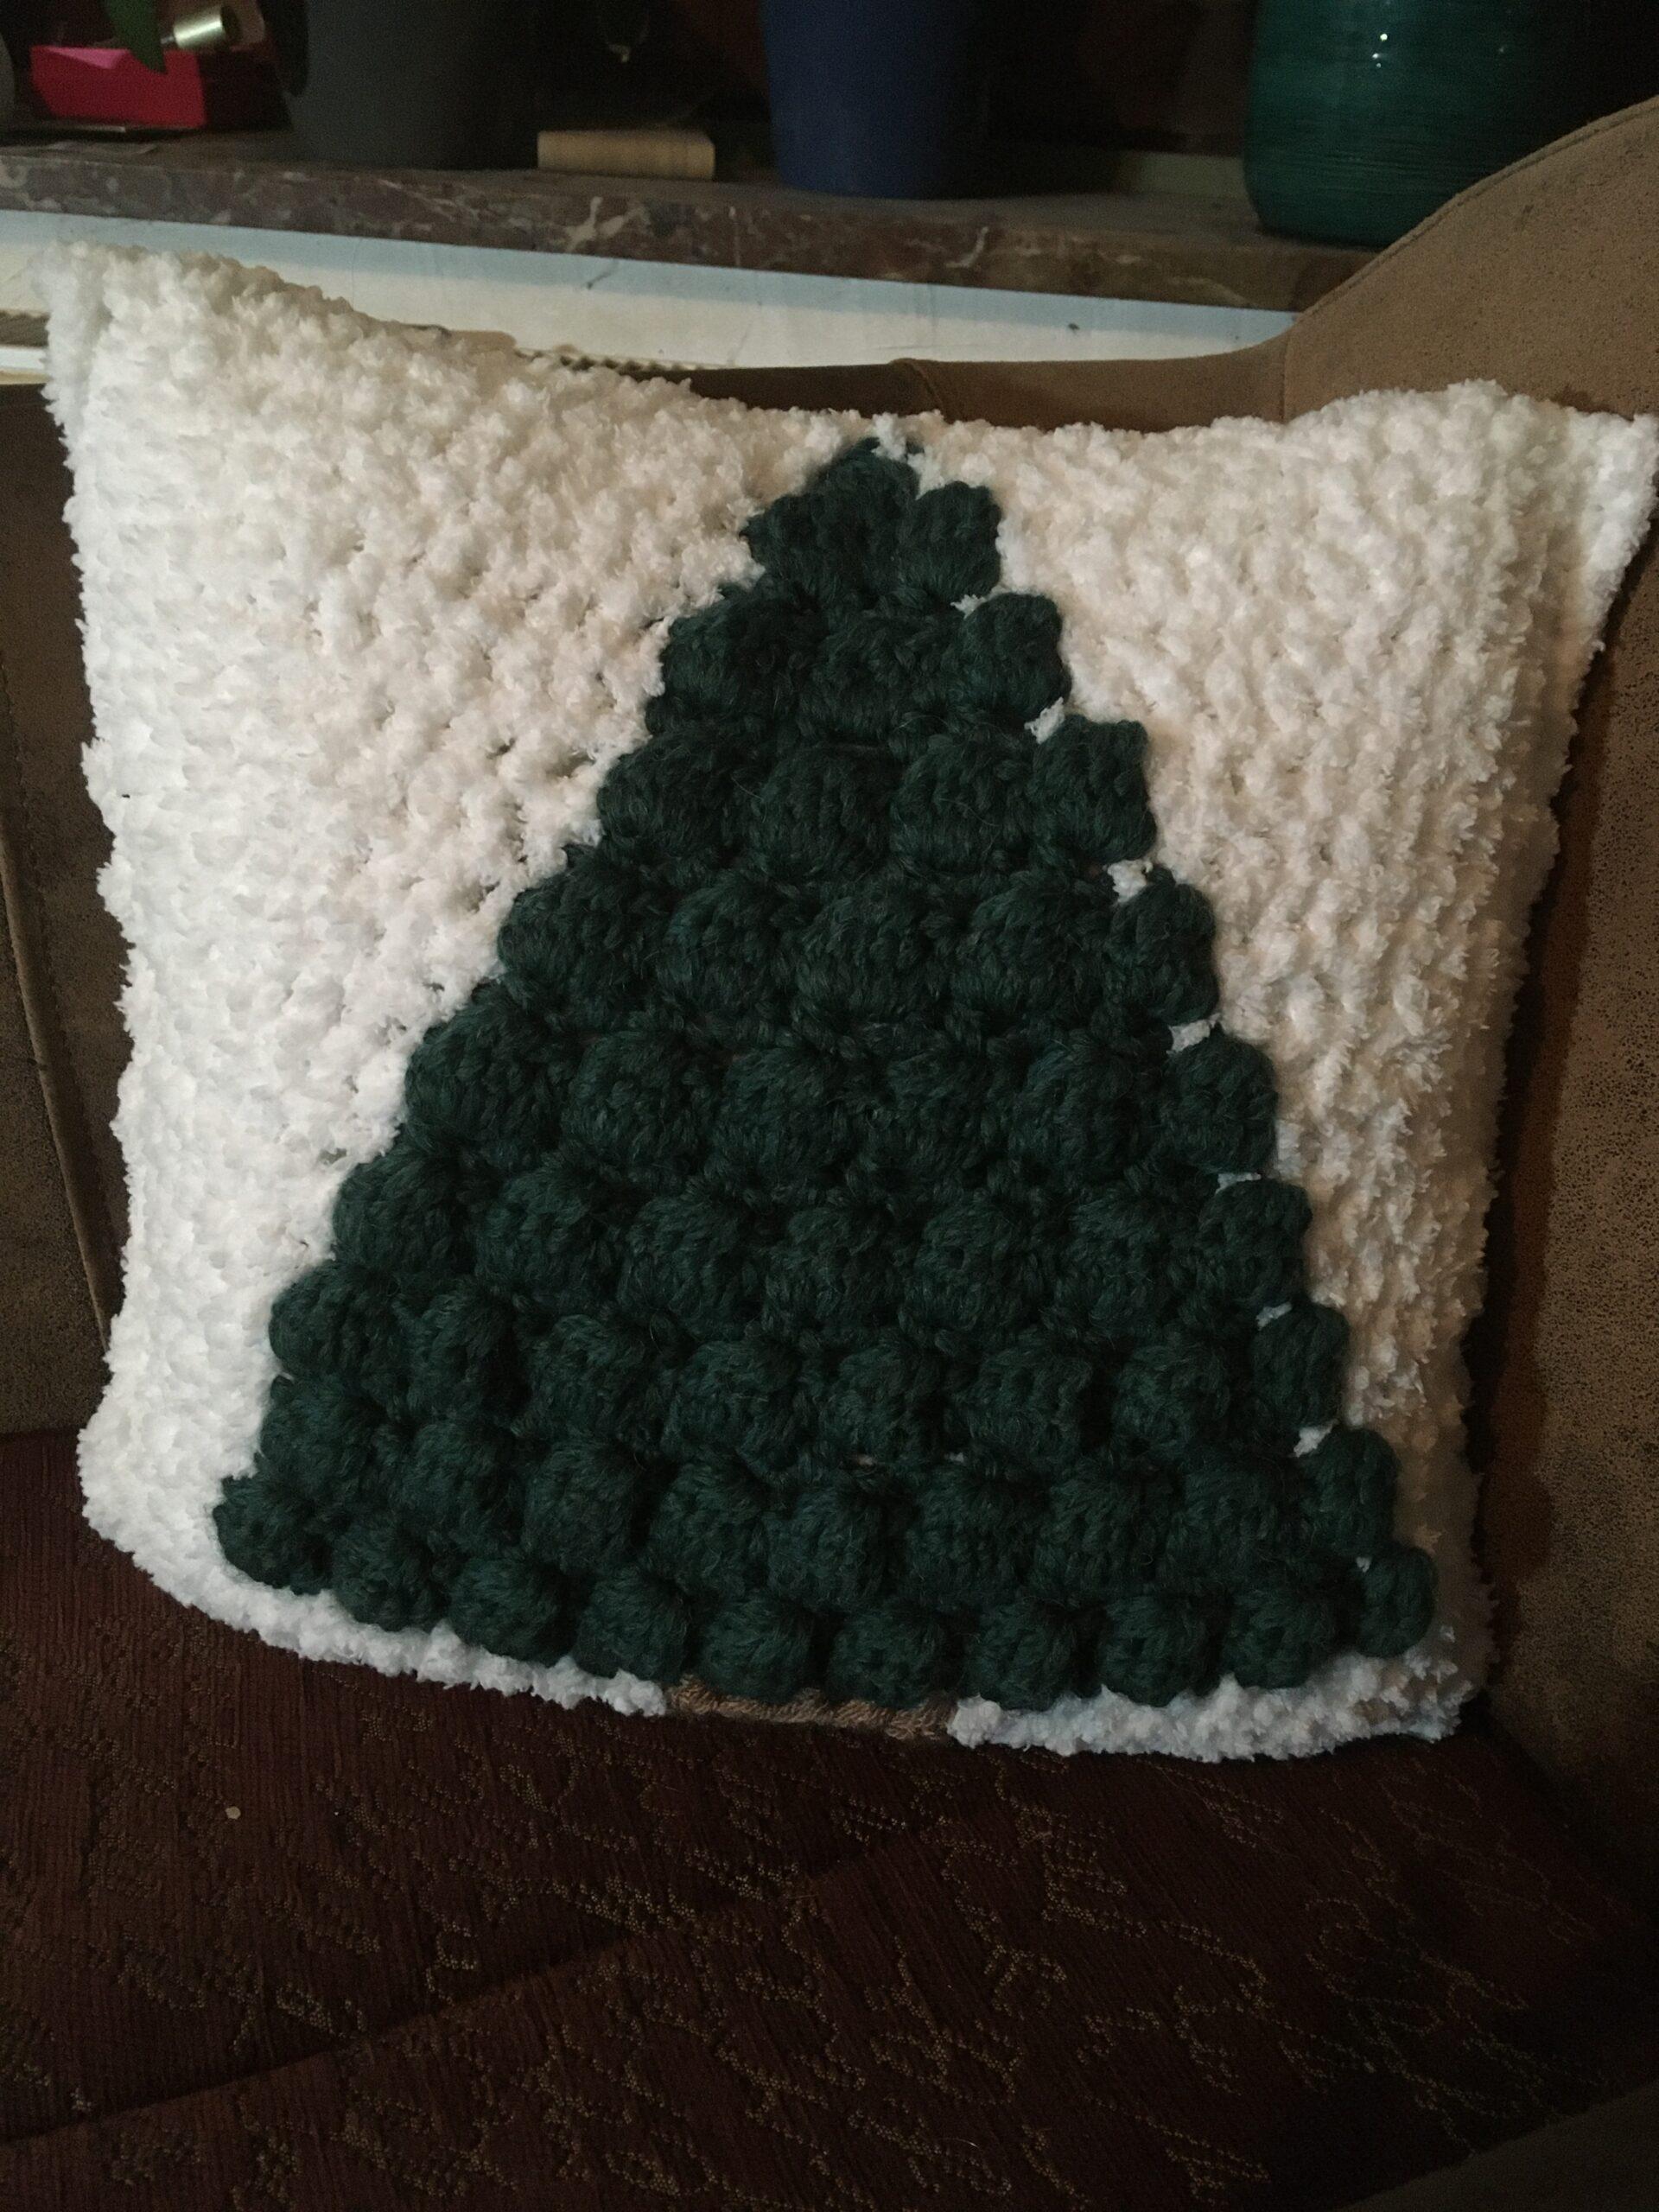 Kerstboom-kussen (met dennengeur)